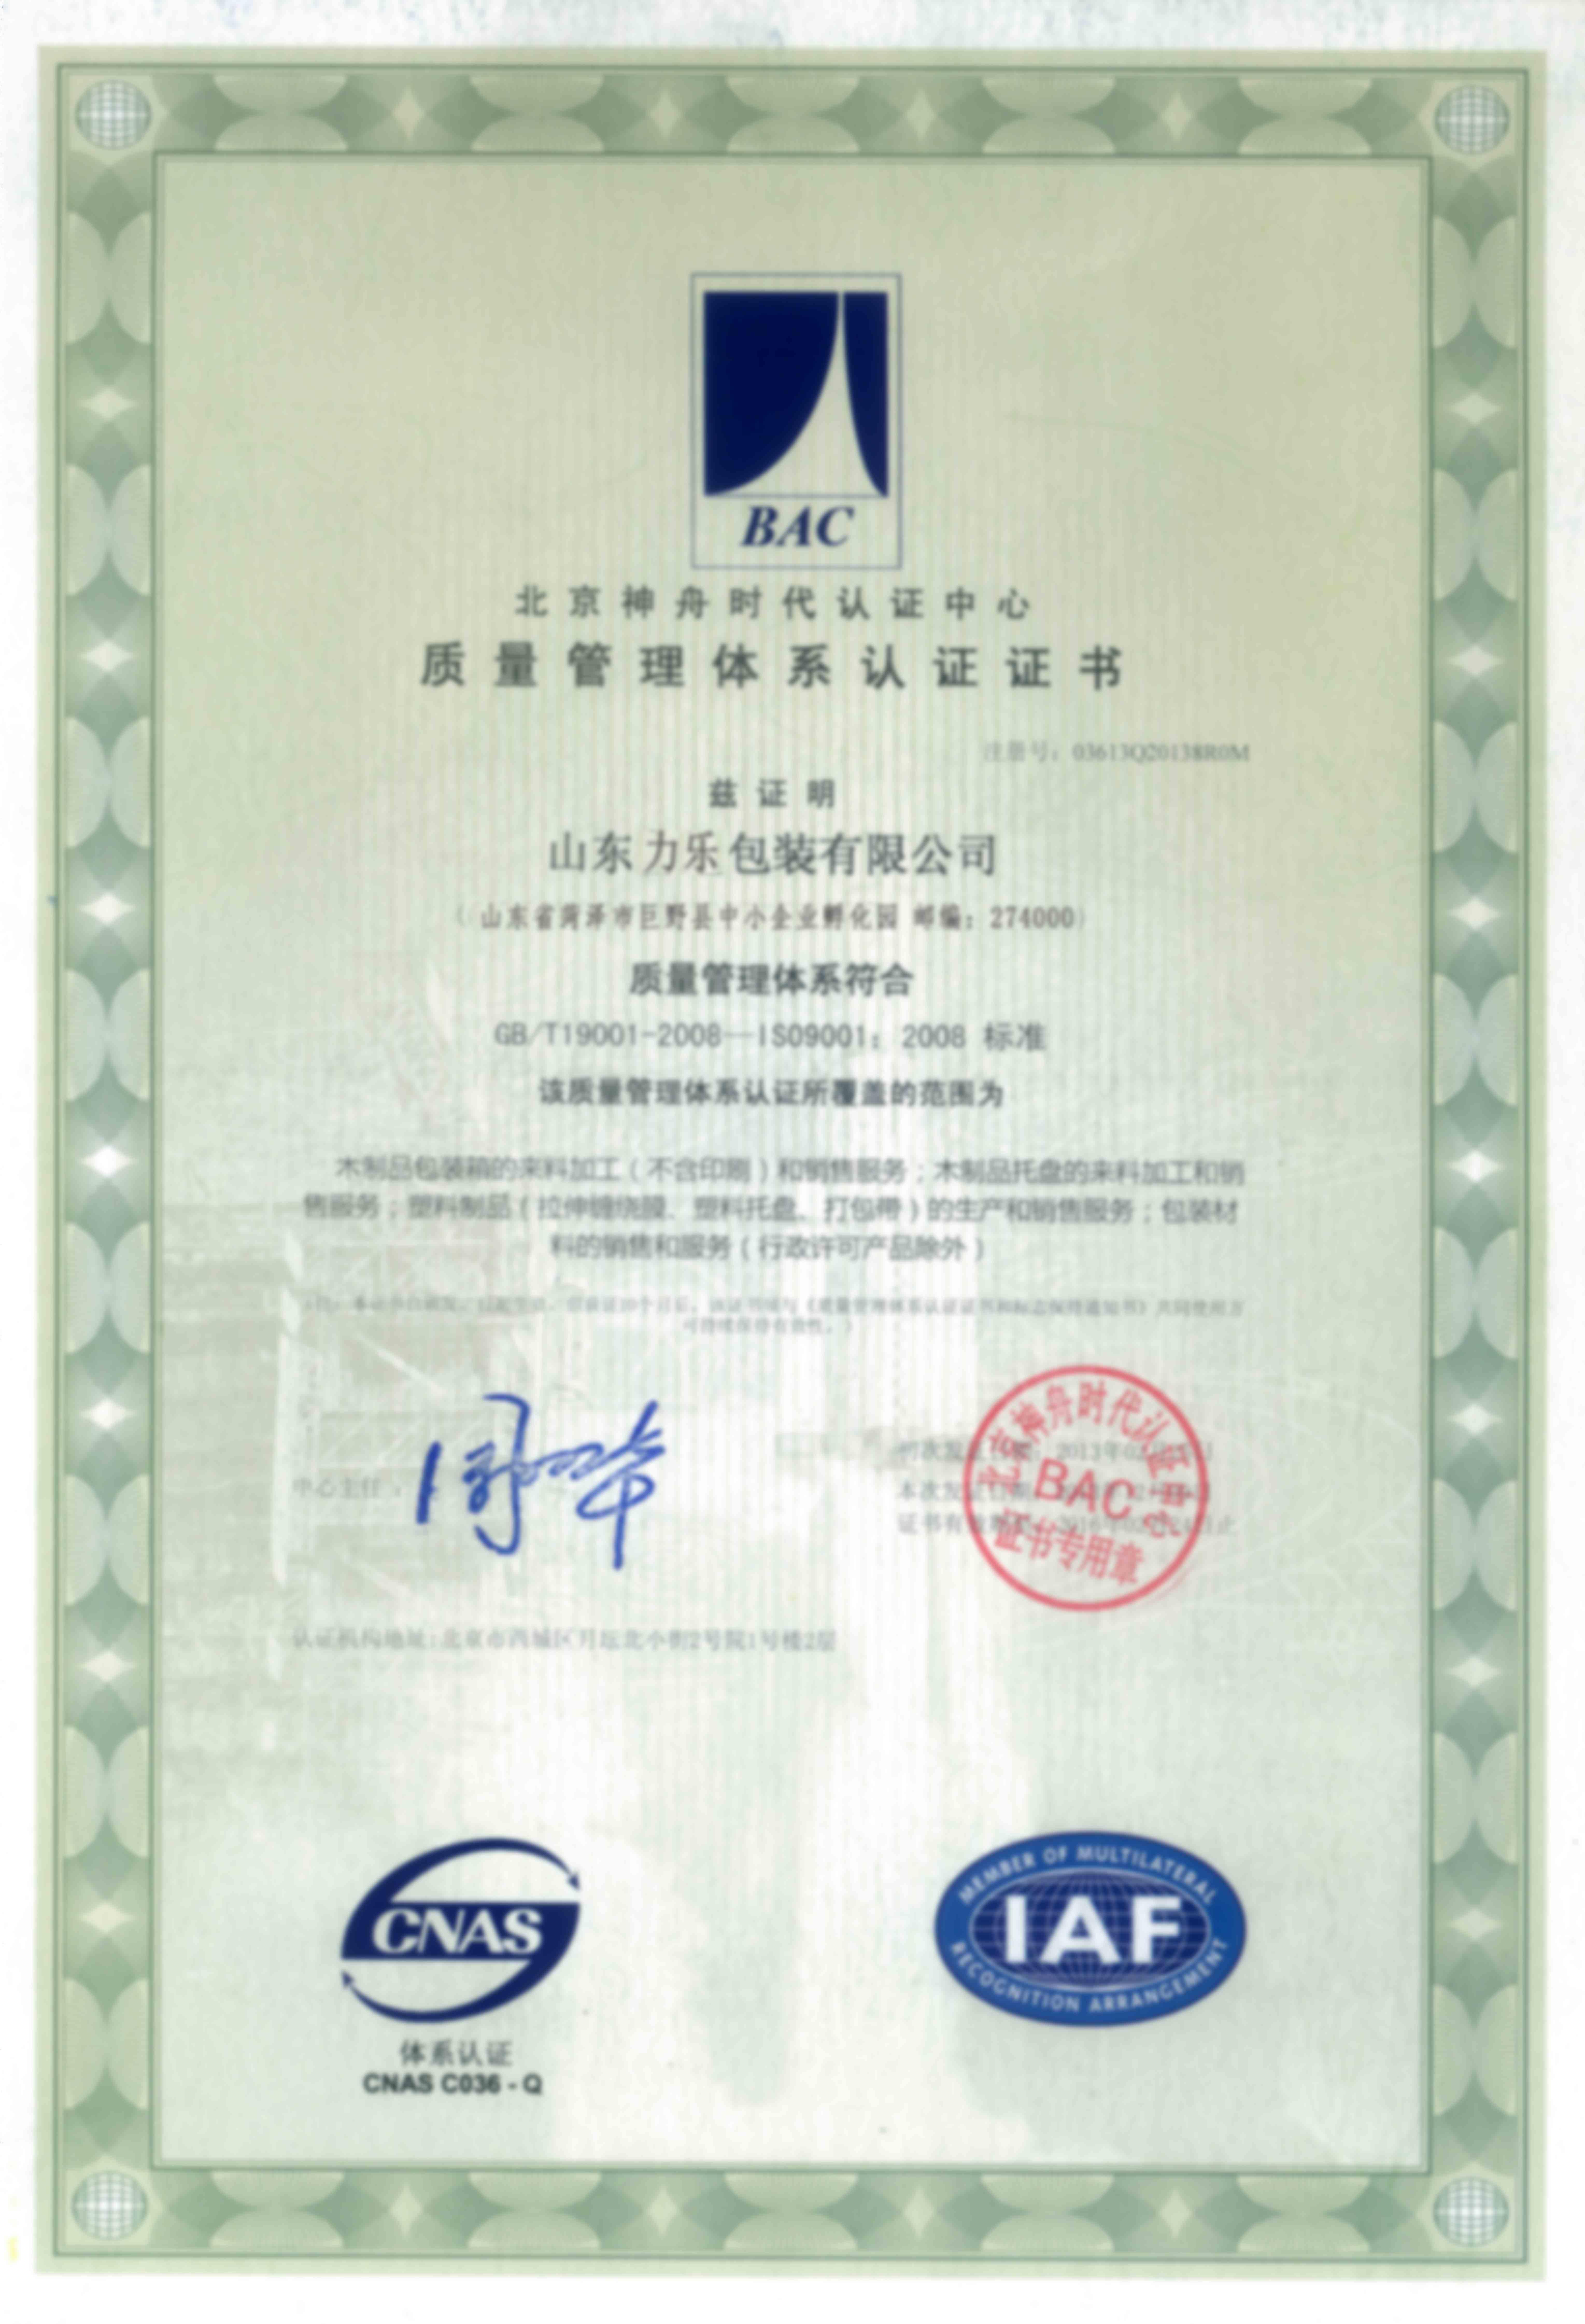 万博app官方下载质量管理体系认证